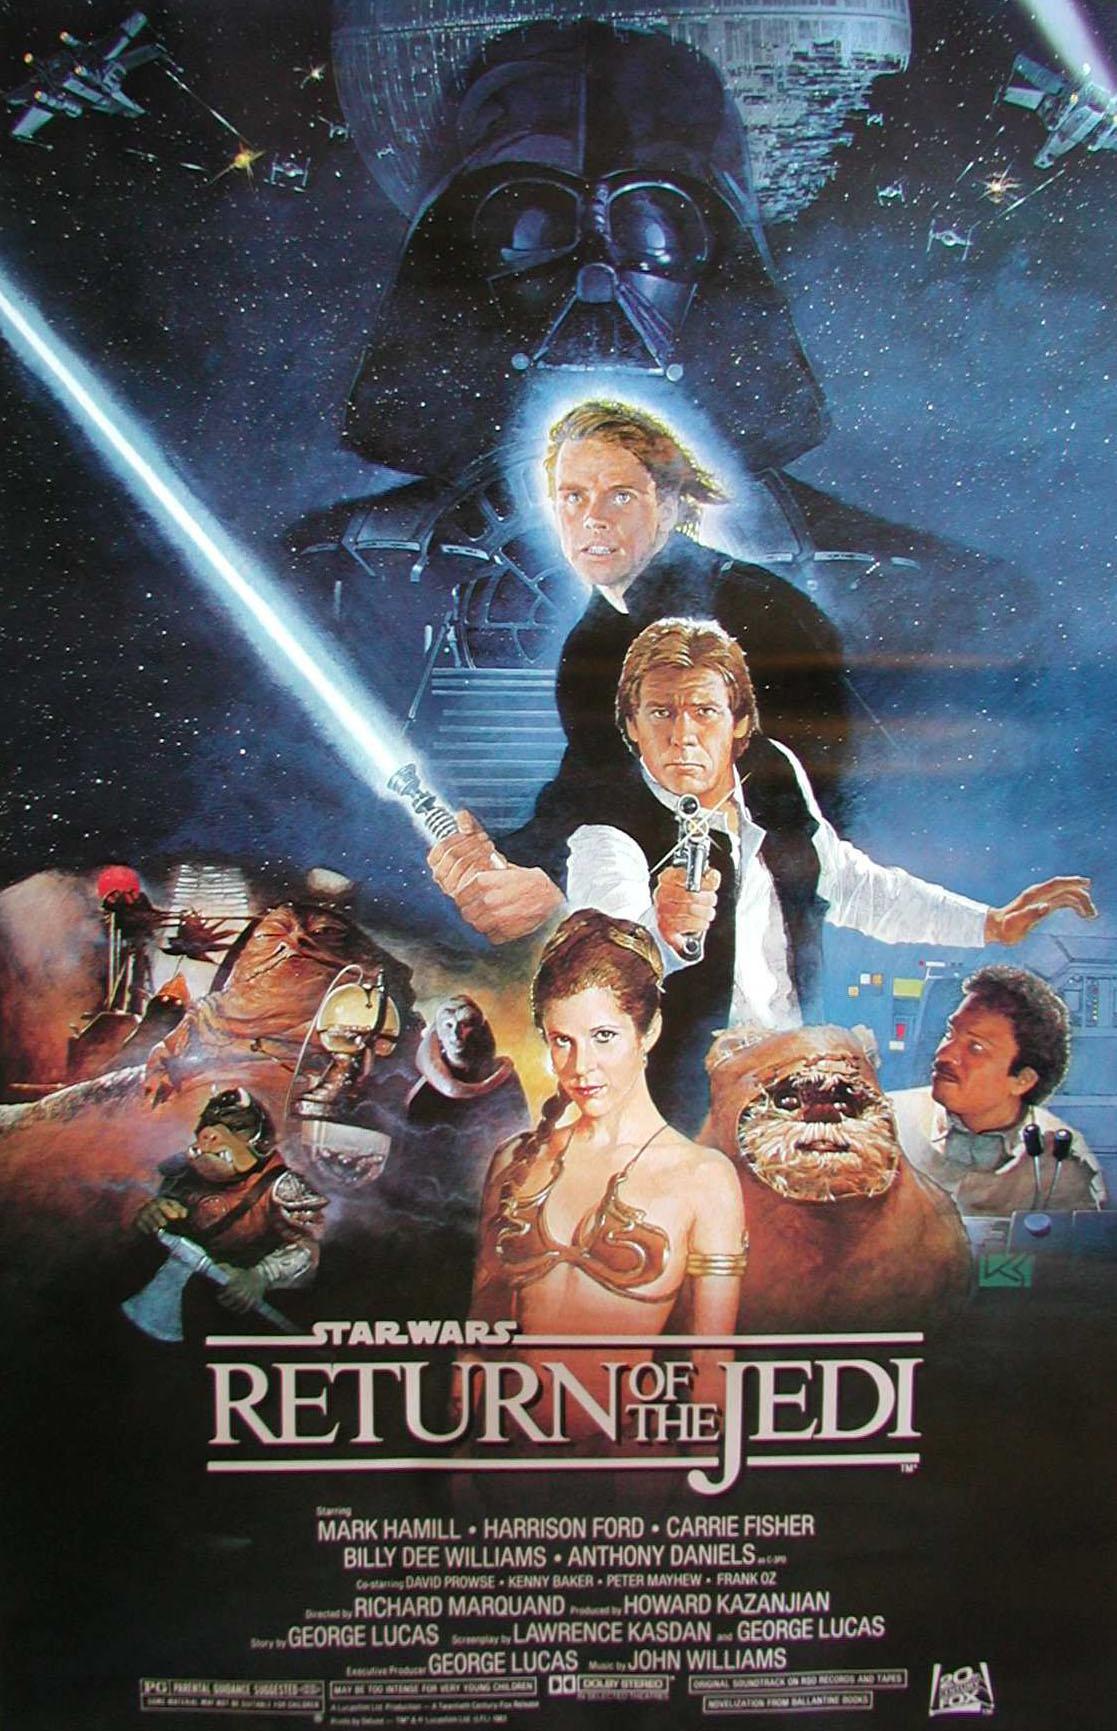 Star wars wookieepedia the star wars wiki